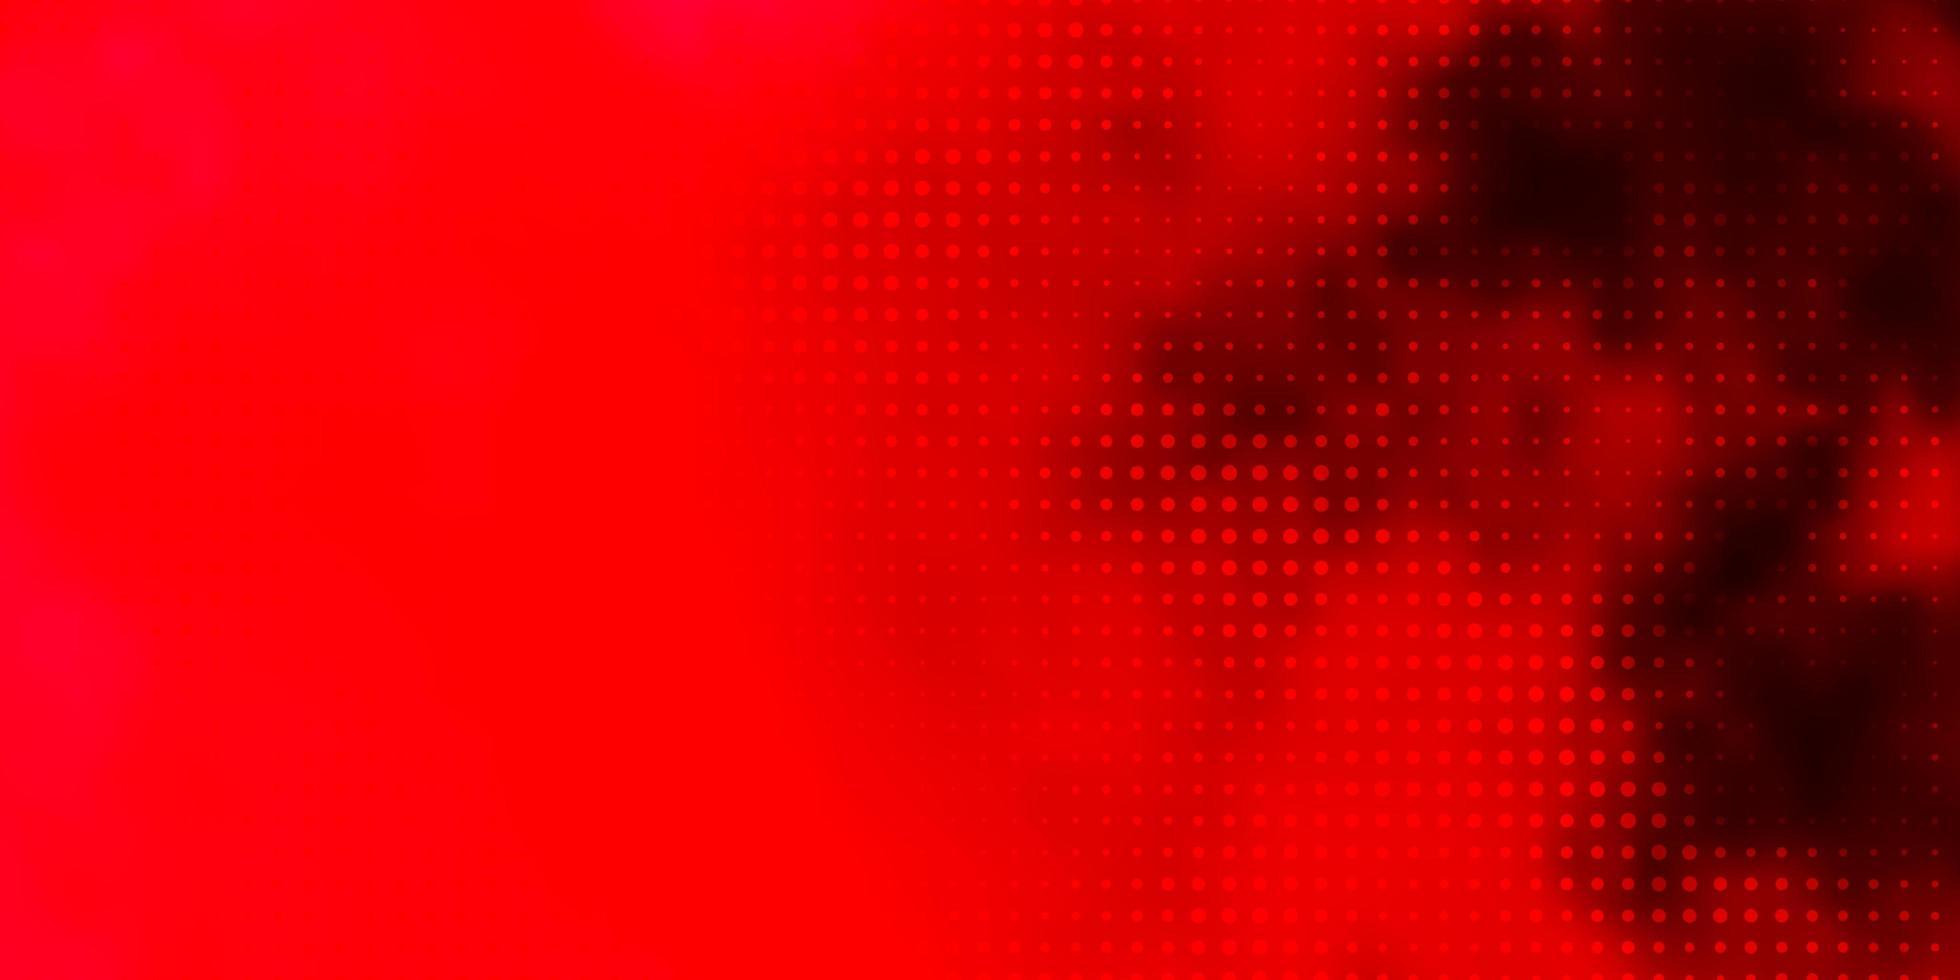 diseño rojo con formas circulares. vector